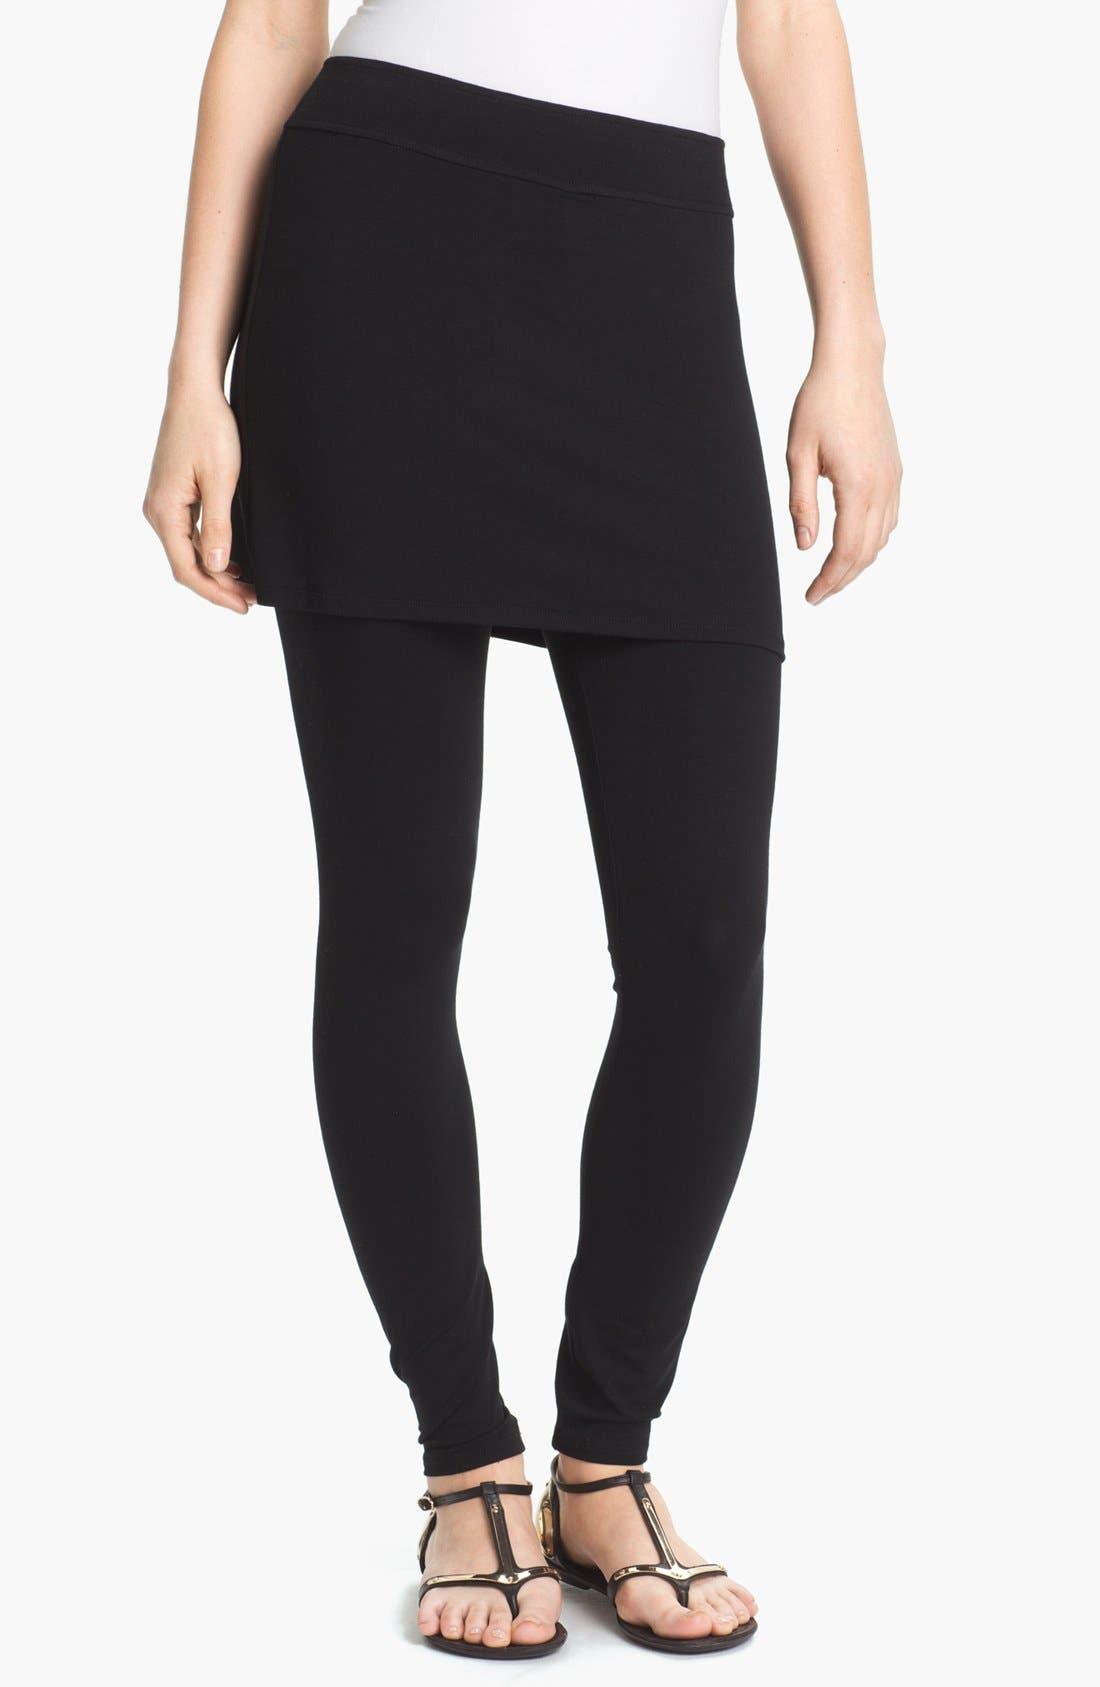 Alternate Image 1 Selected - Eileen Fisher Skirted Leggings (Plus Size)